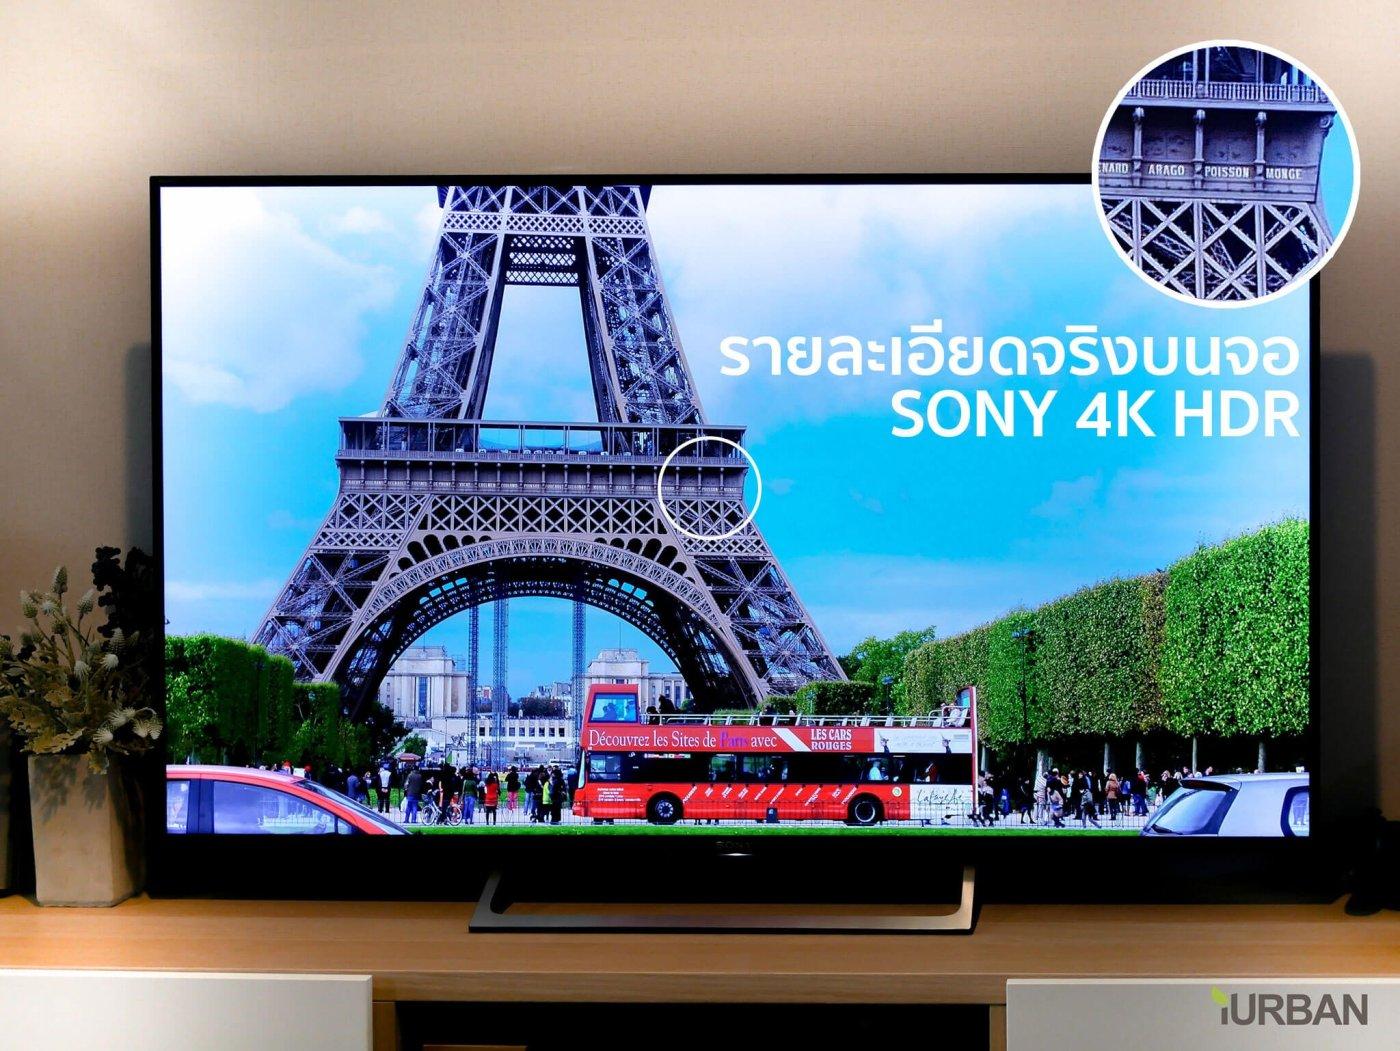 SONY X8500E 4K-HDR Android TV นวัตกรรมที่จะเปลี่ยนชีวิตกับทีวี ให้ไม่เหมือนเดิมอีกต่อไป 13 - Android